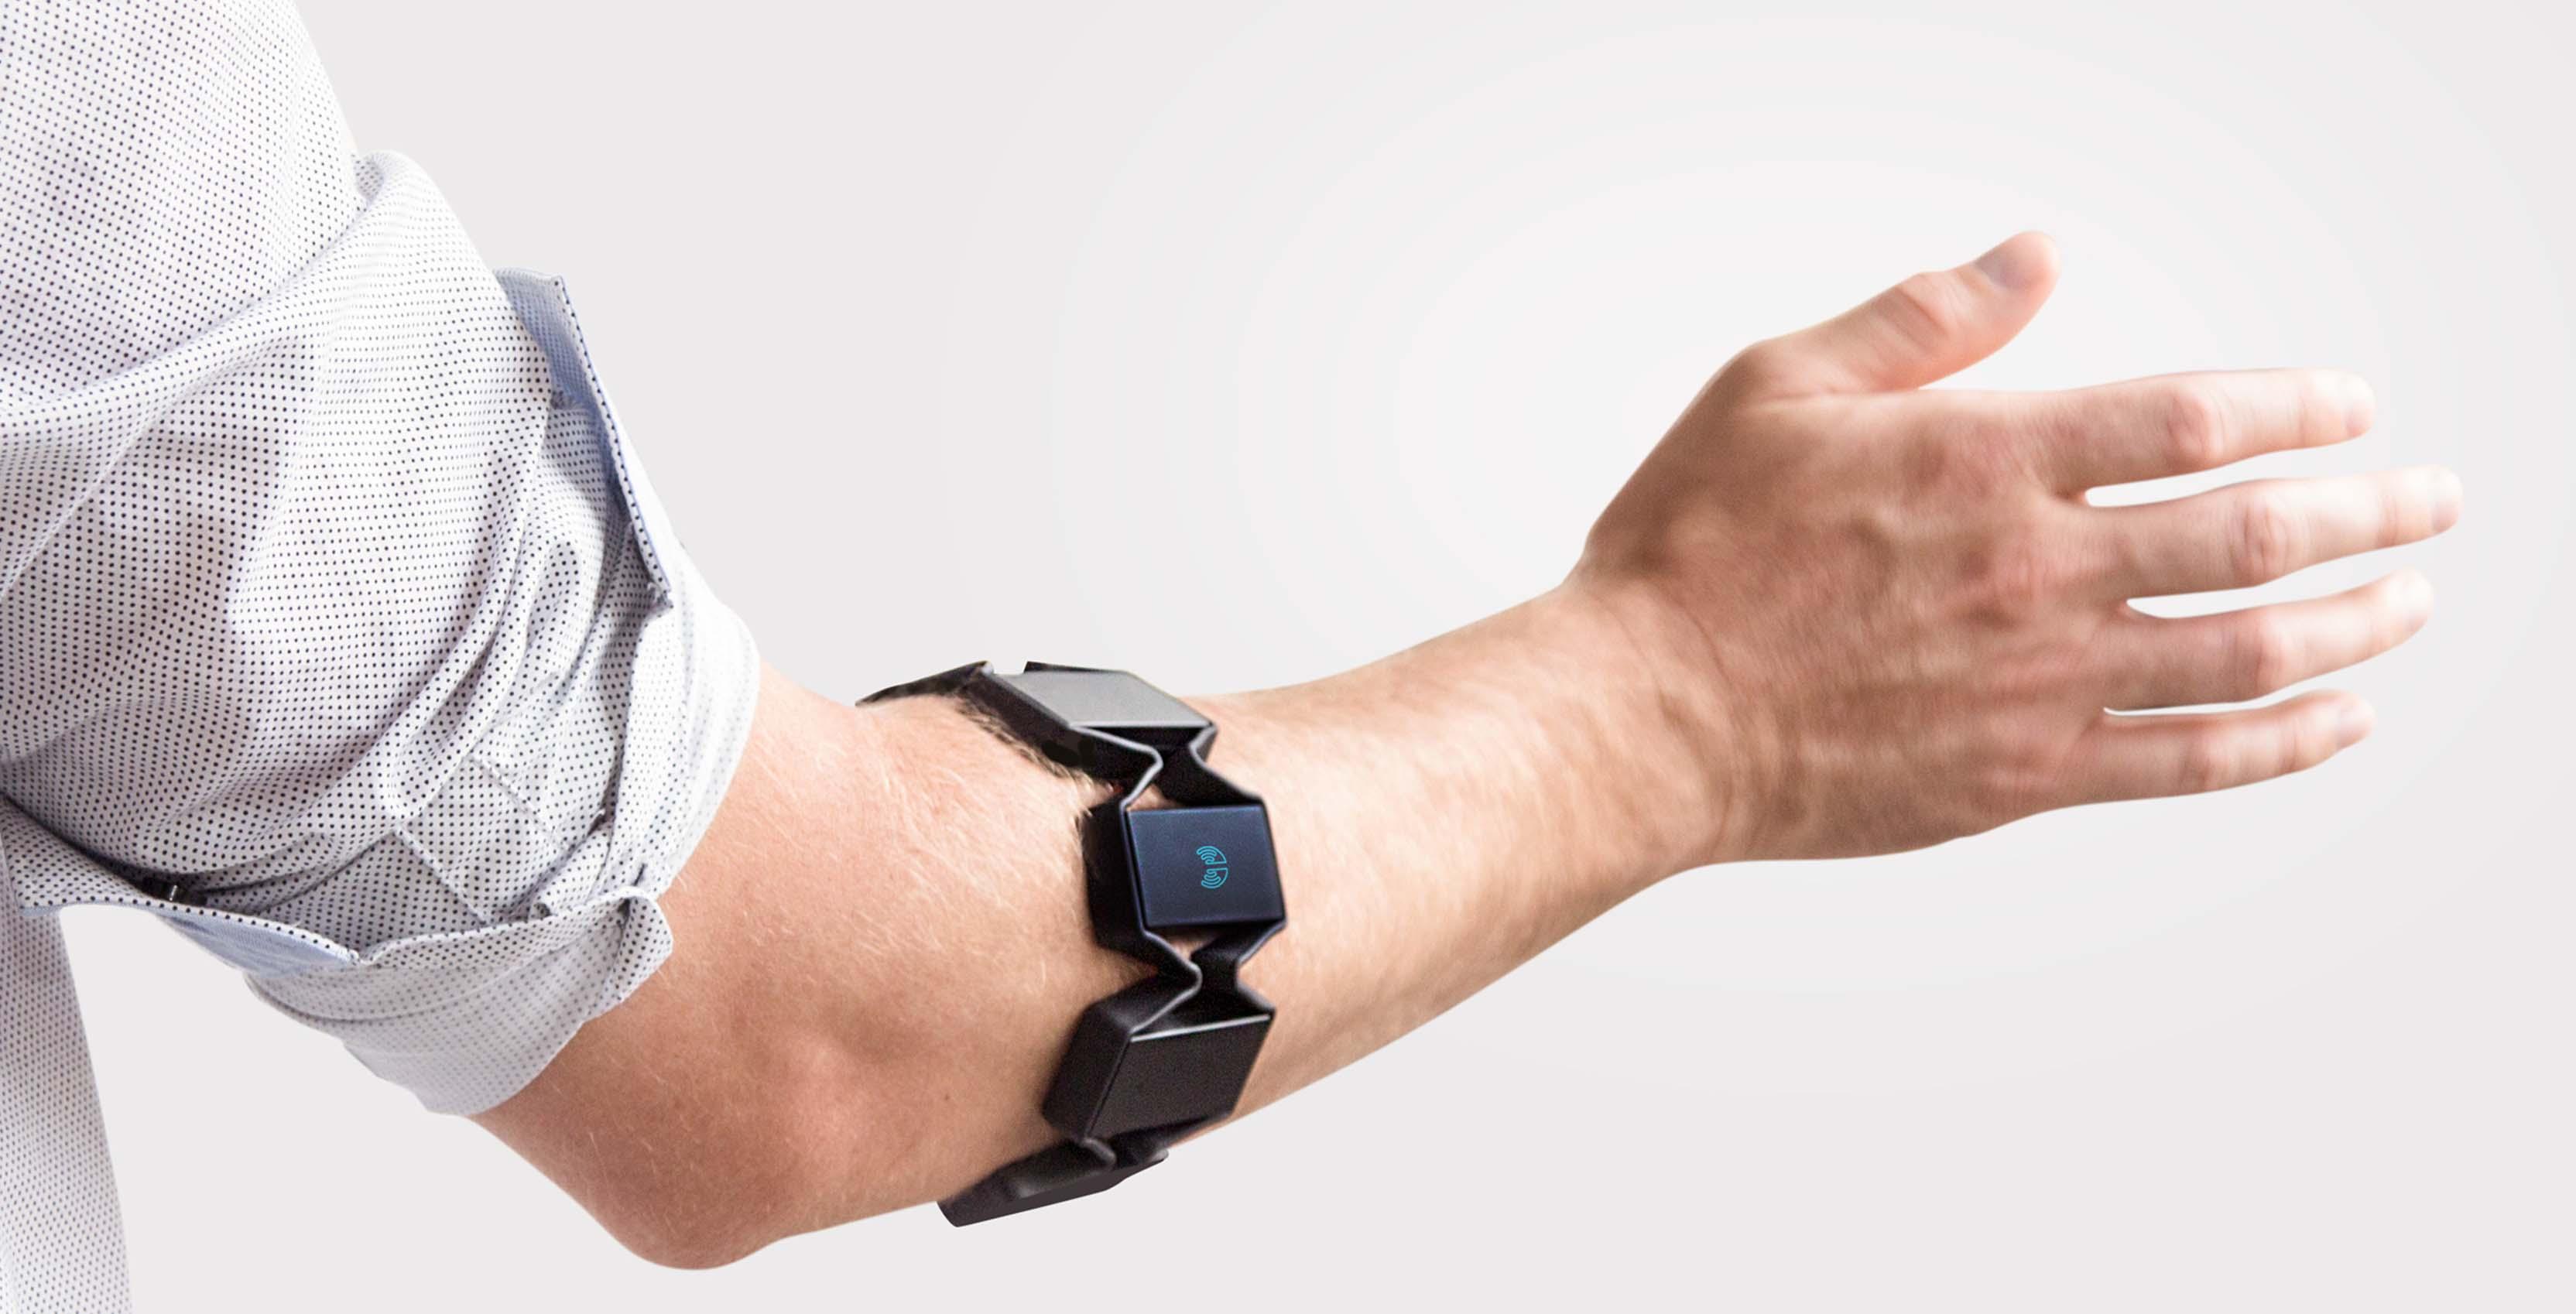 Myo armband on an arm